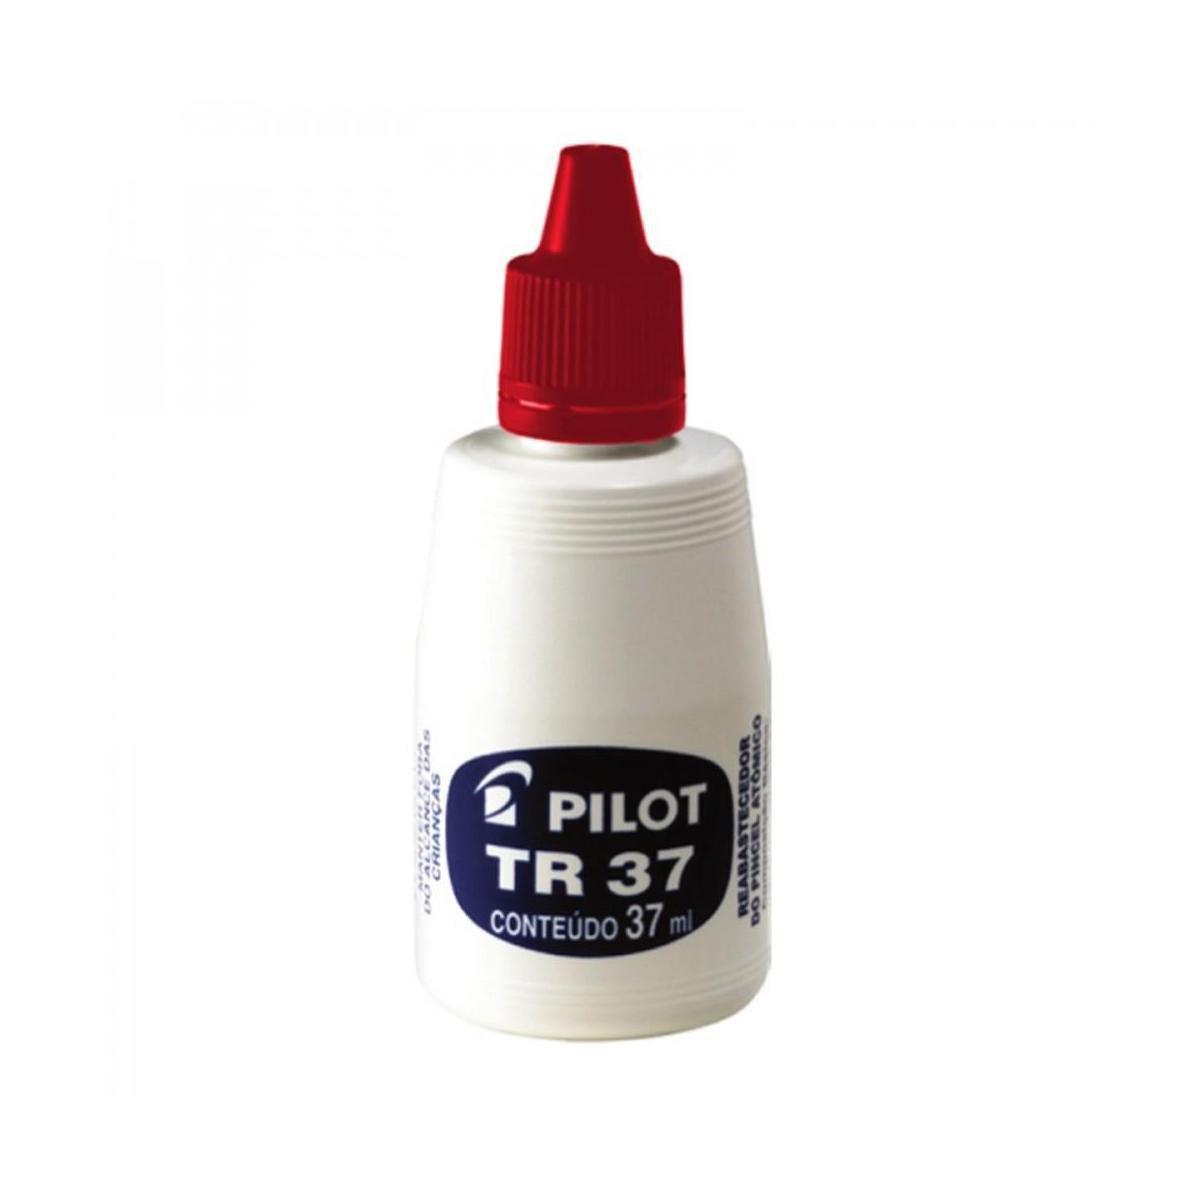 Reabastecedor Vermelho Pilot